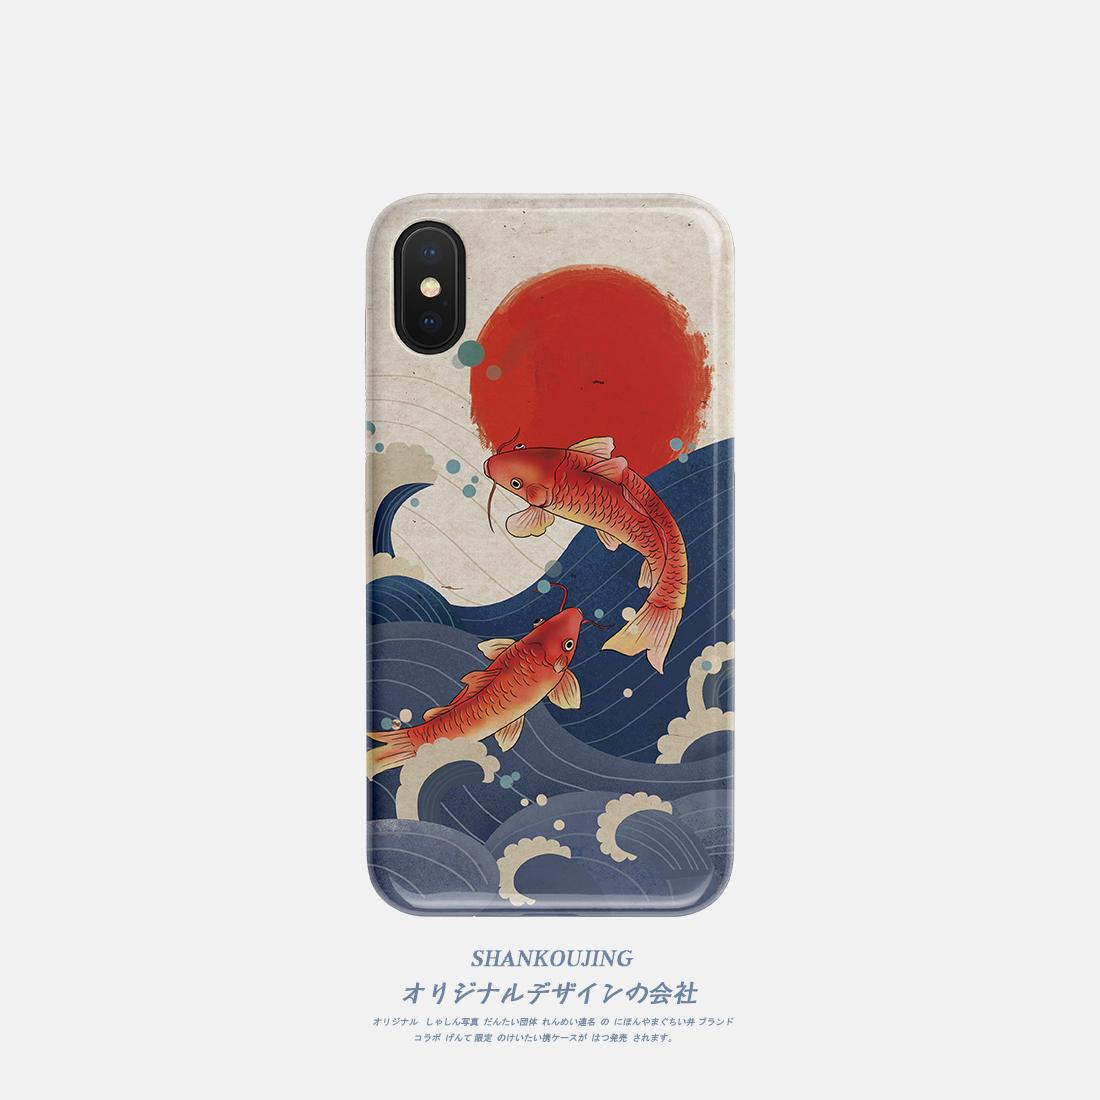 山口井 日系锦鲤iPhone x/xs/xr/max手机壳11promax苹果7磨砂硅胶